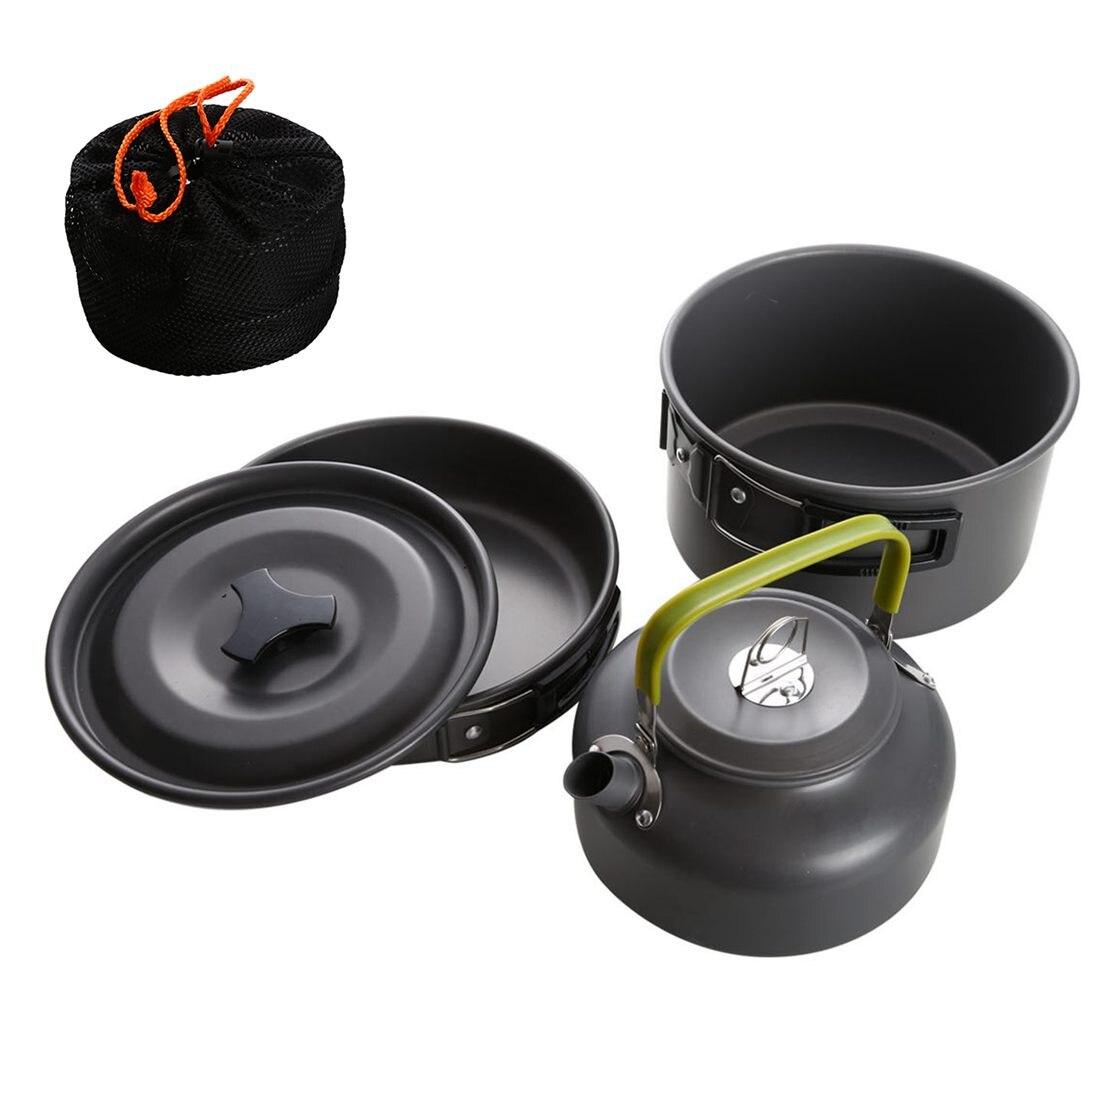 Portable Camping Pot casserole bouilloire ensemble en alliage d'aluminium en plein air vaisselle ustensiles de cuisine 3 pièces/ensemble théière outil de cuisson pour pique-nique barbecue